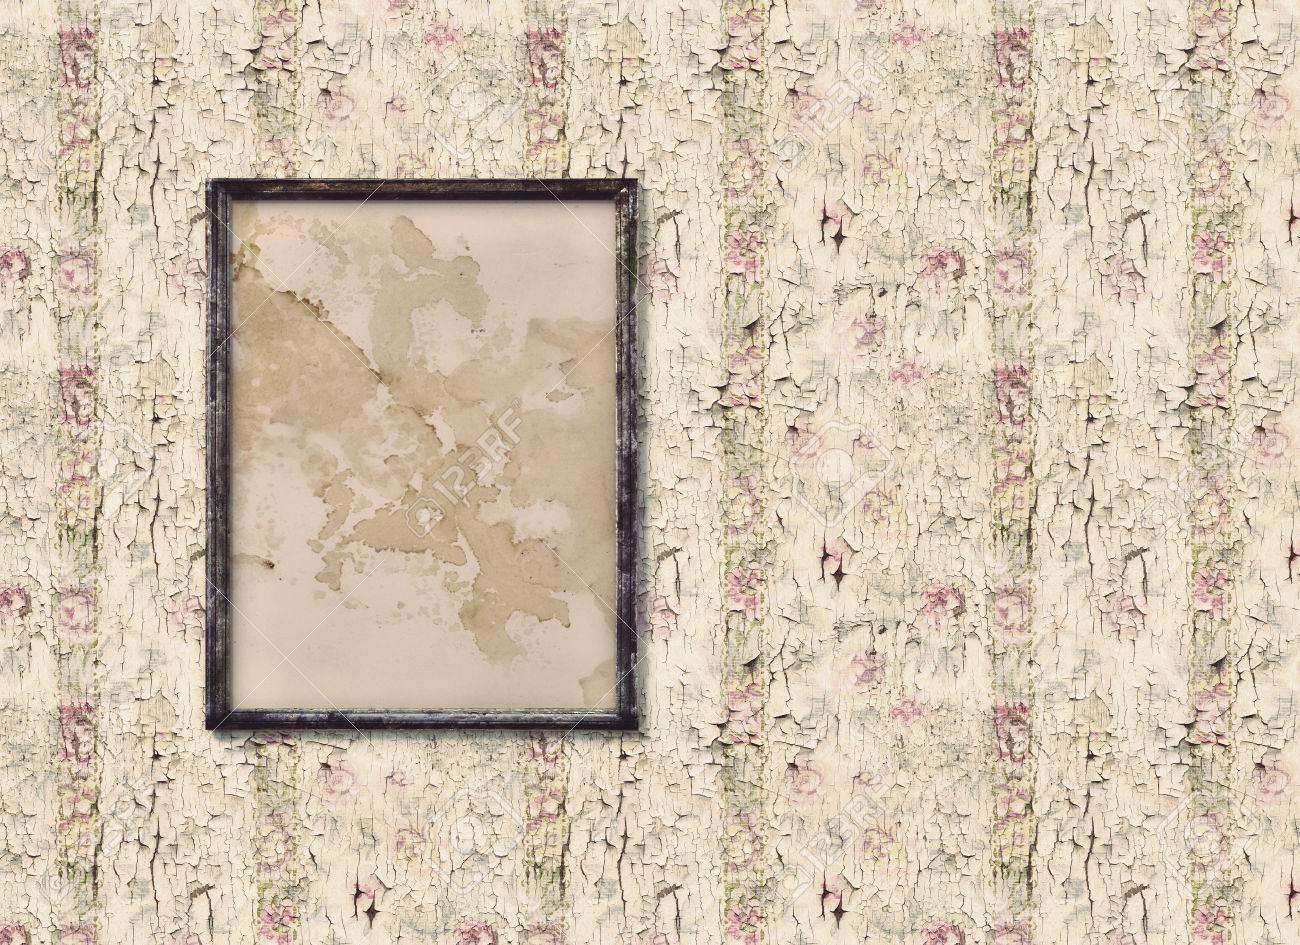 Alte Bilderrahmen auf einem alten Vintage Wand Standard-Bild - 26719143